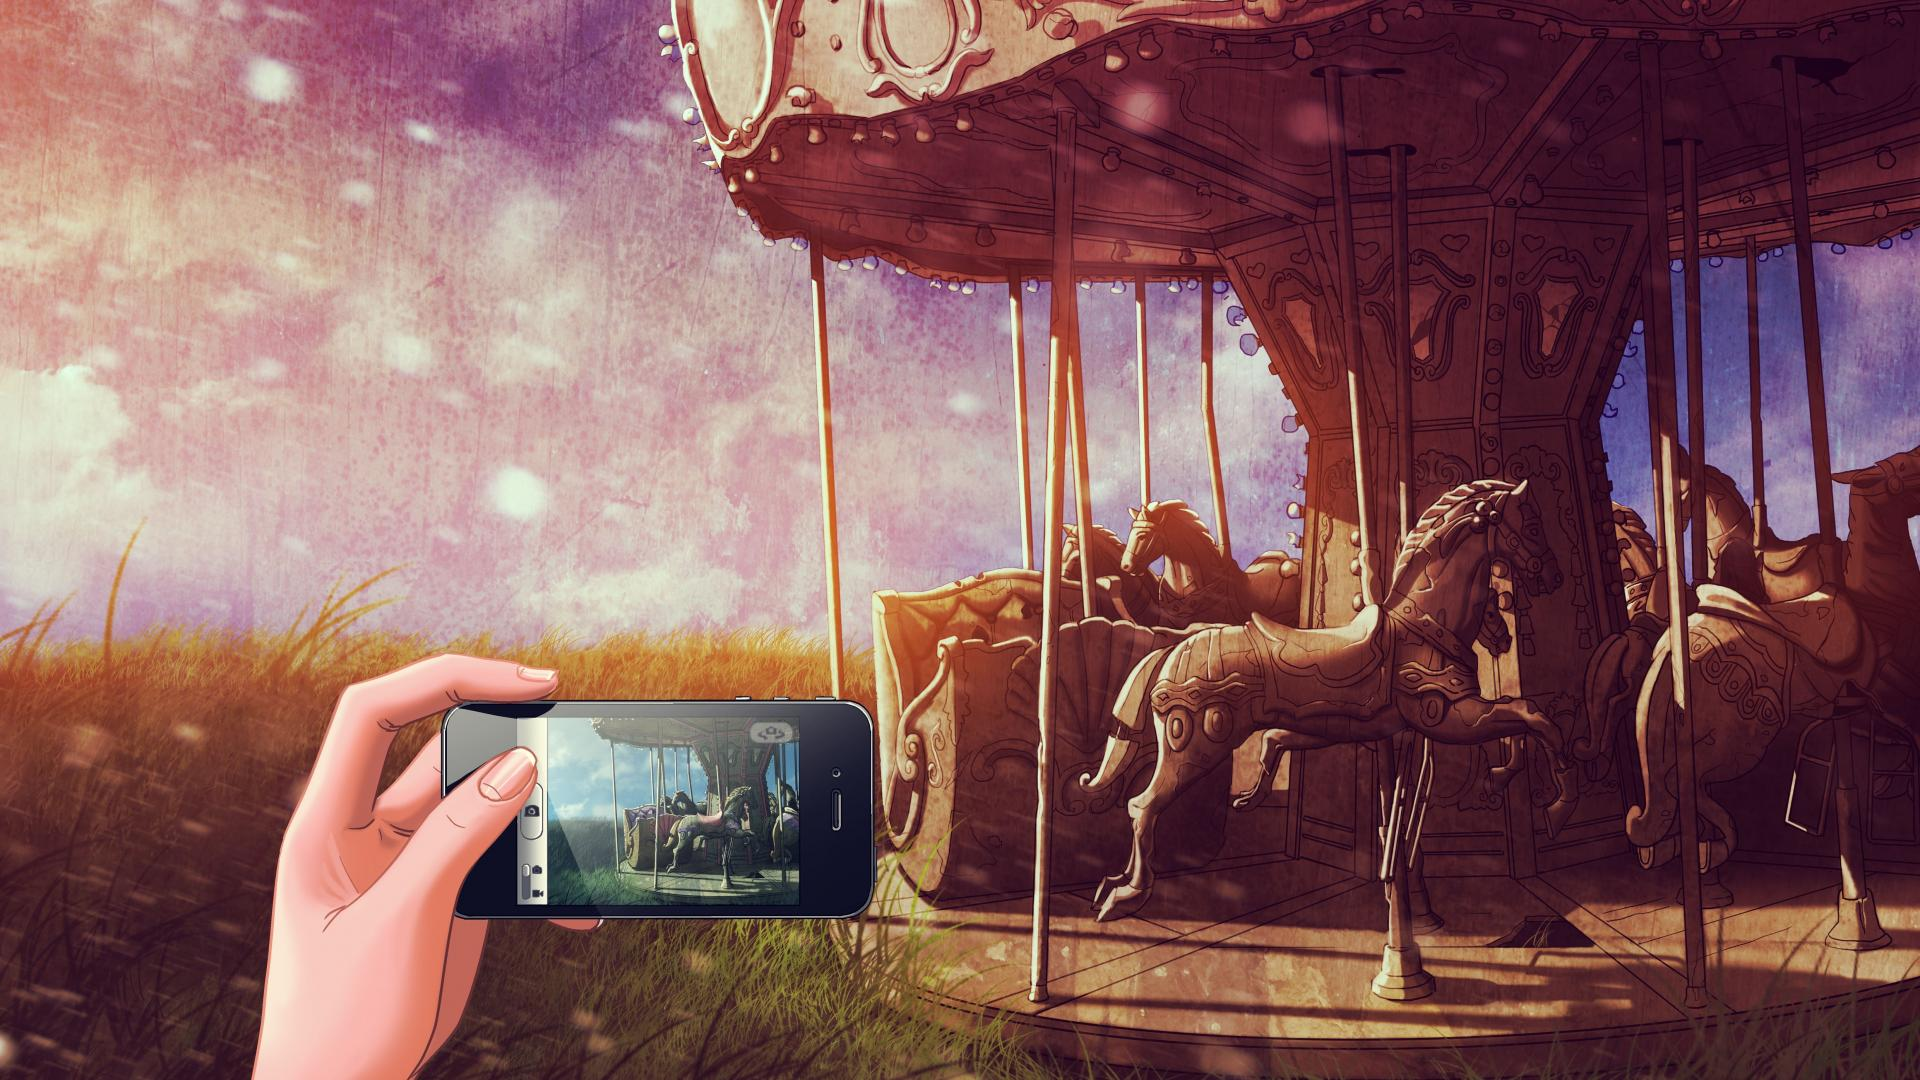 amusement park cellphones artwork bracelets merry go round wallpaper 1920x1080